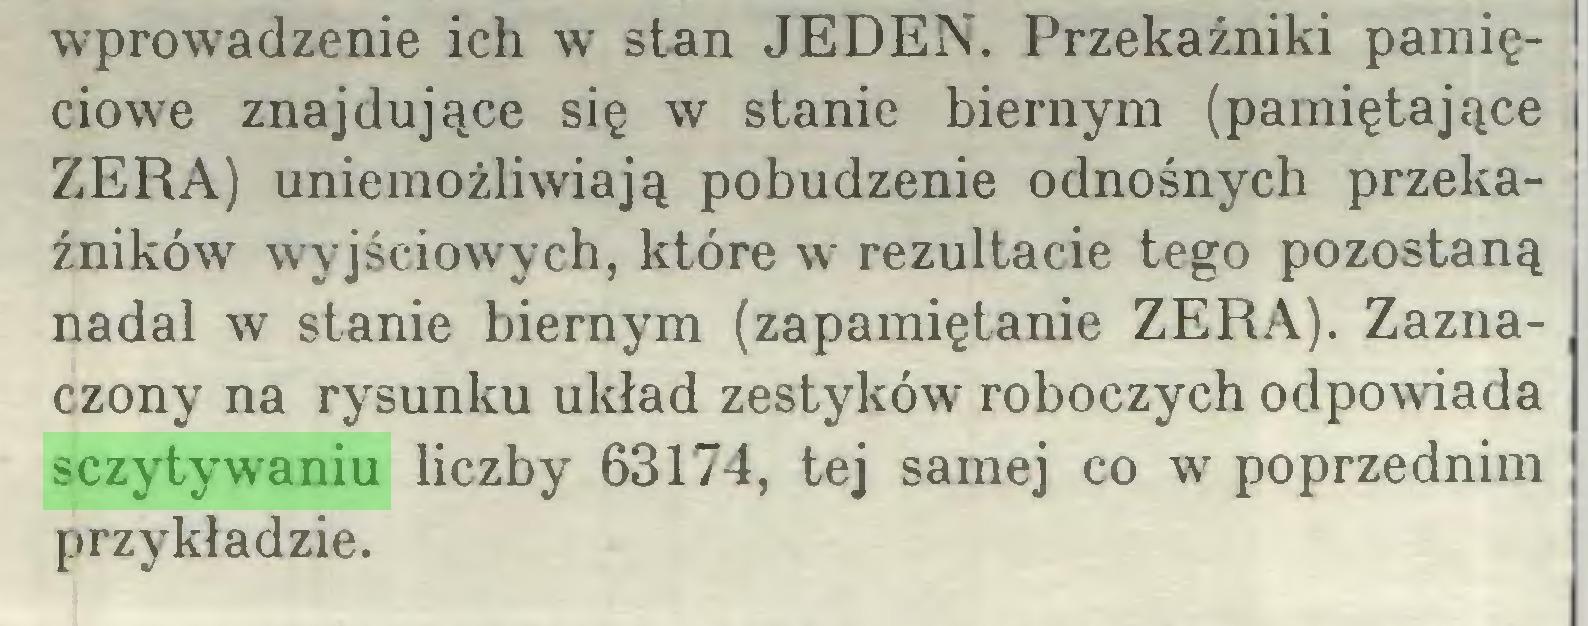 (...) wprowadzenie ich w stan JEDEN. Przekaźniki pamięciowe znajdujące się w stanie biernym (pamiętające ZERA) uniemożliwiają pobudzenie odnośnych przekaźników wyjściowych, które wr rezultacie tego pozostaną nadal w stanie biernym (zapamiętanie ZERA). Zaznaczony na rysunku układ zestyków roboczych odpowiada sczytywaniu liczby 63174, tej samej co w poprzednim przykładzie...